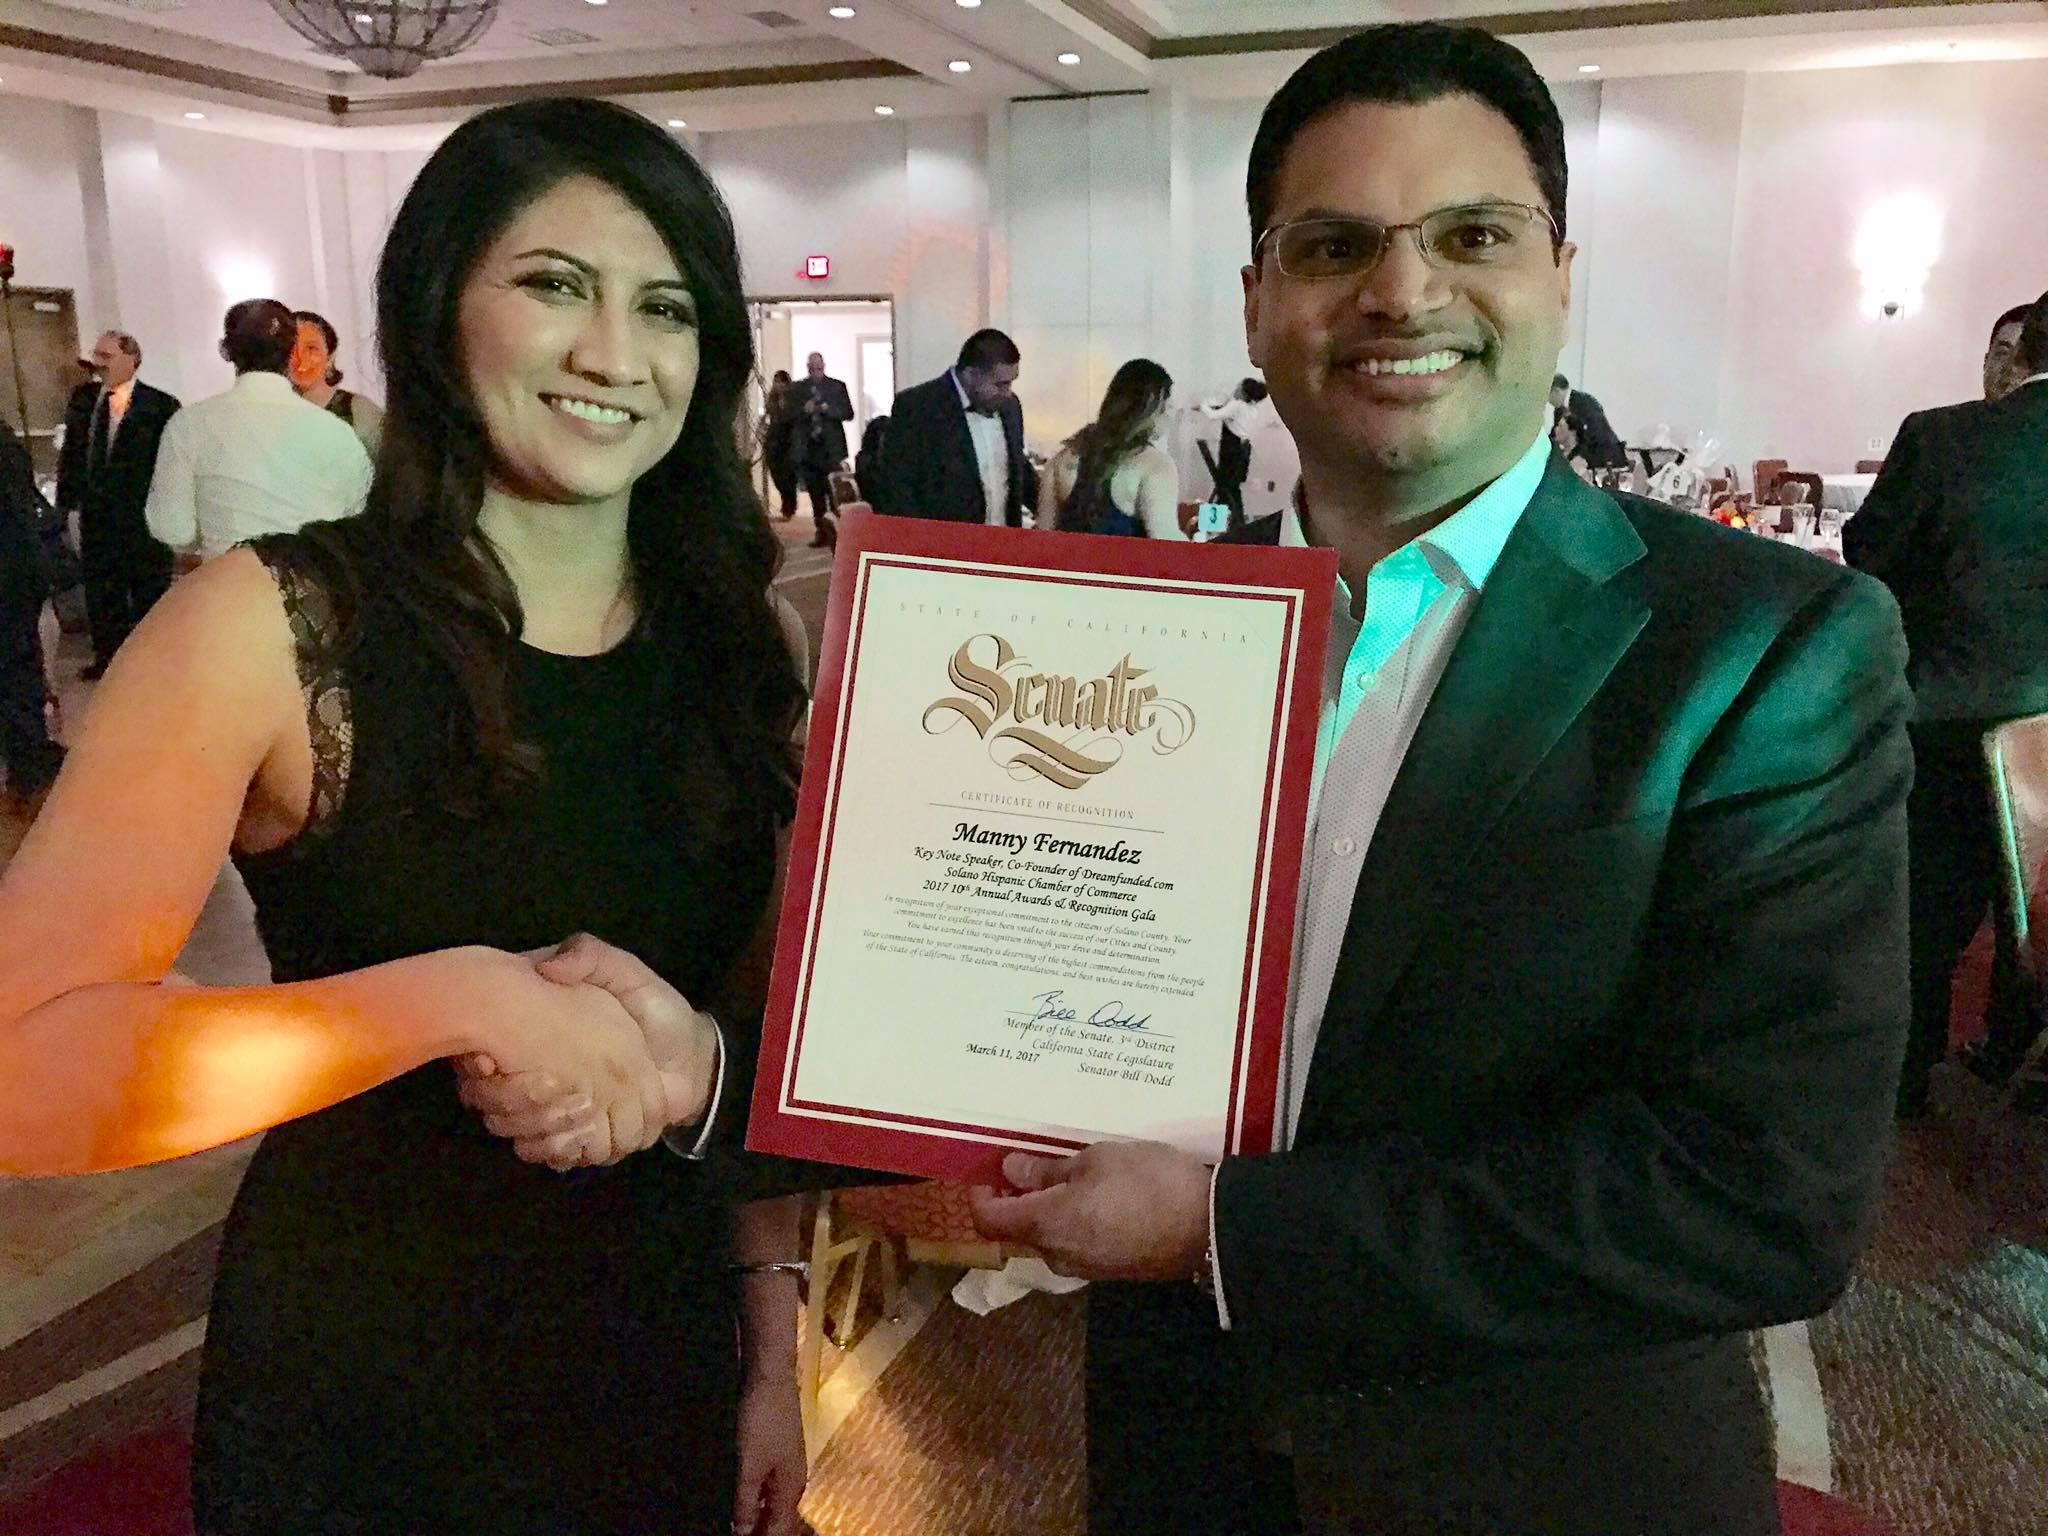 Shcc award